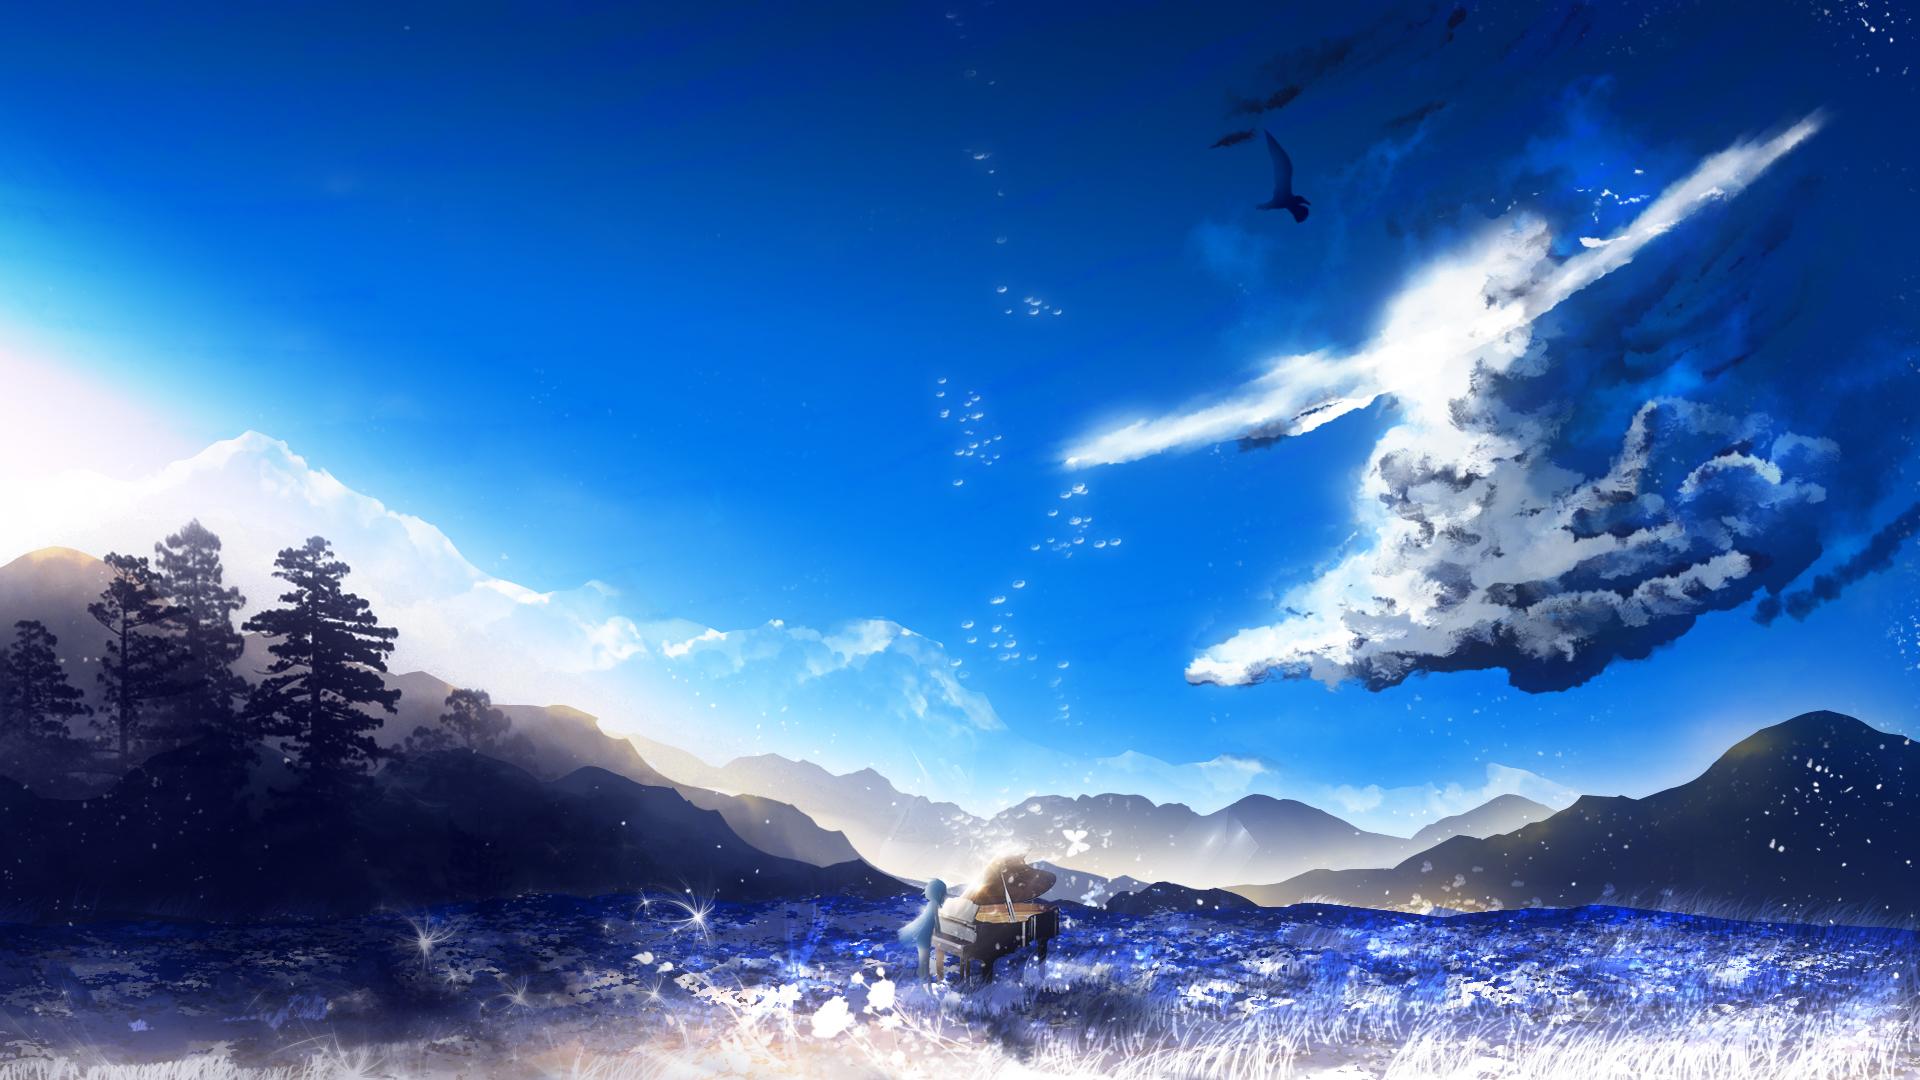 iphone blue wallpaper